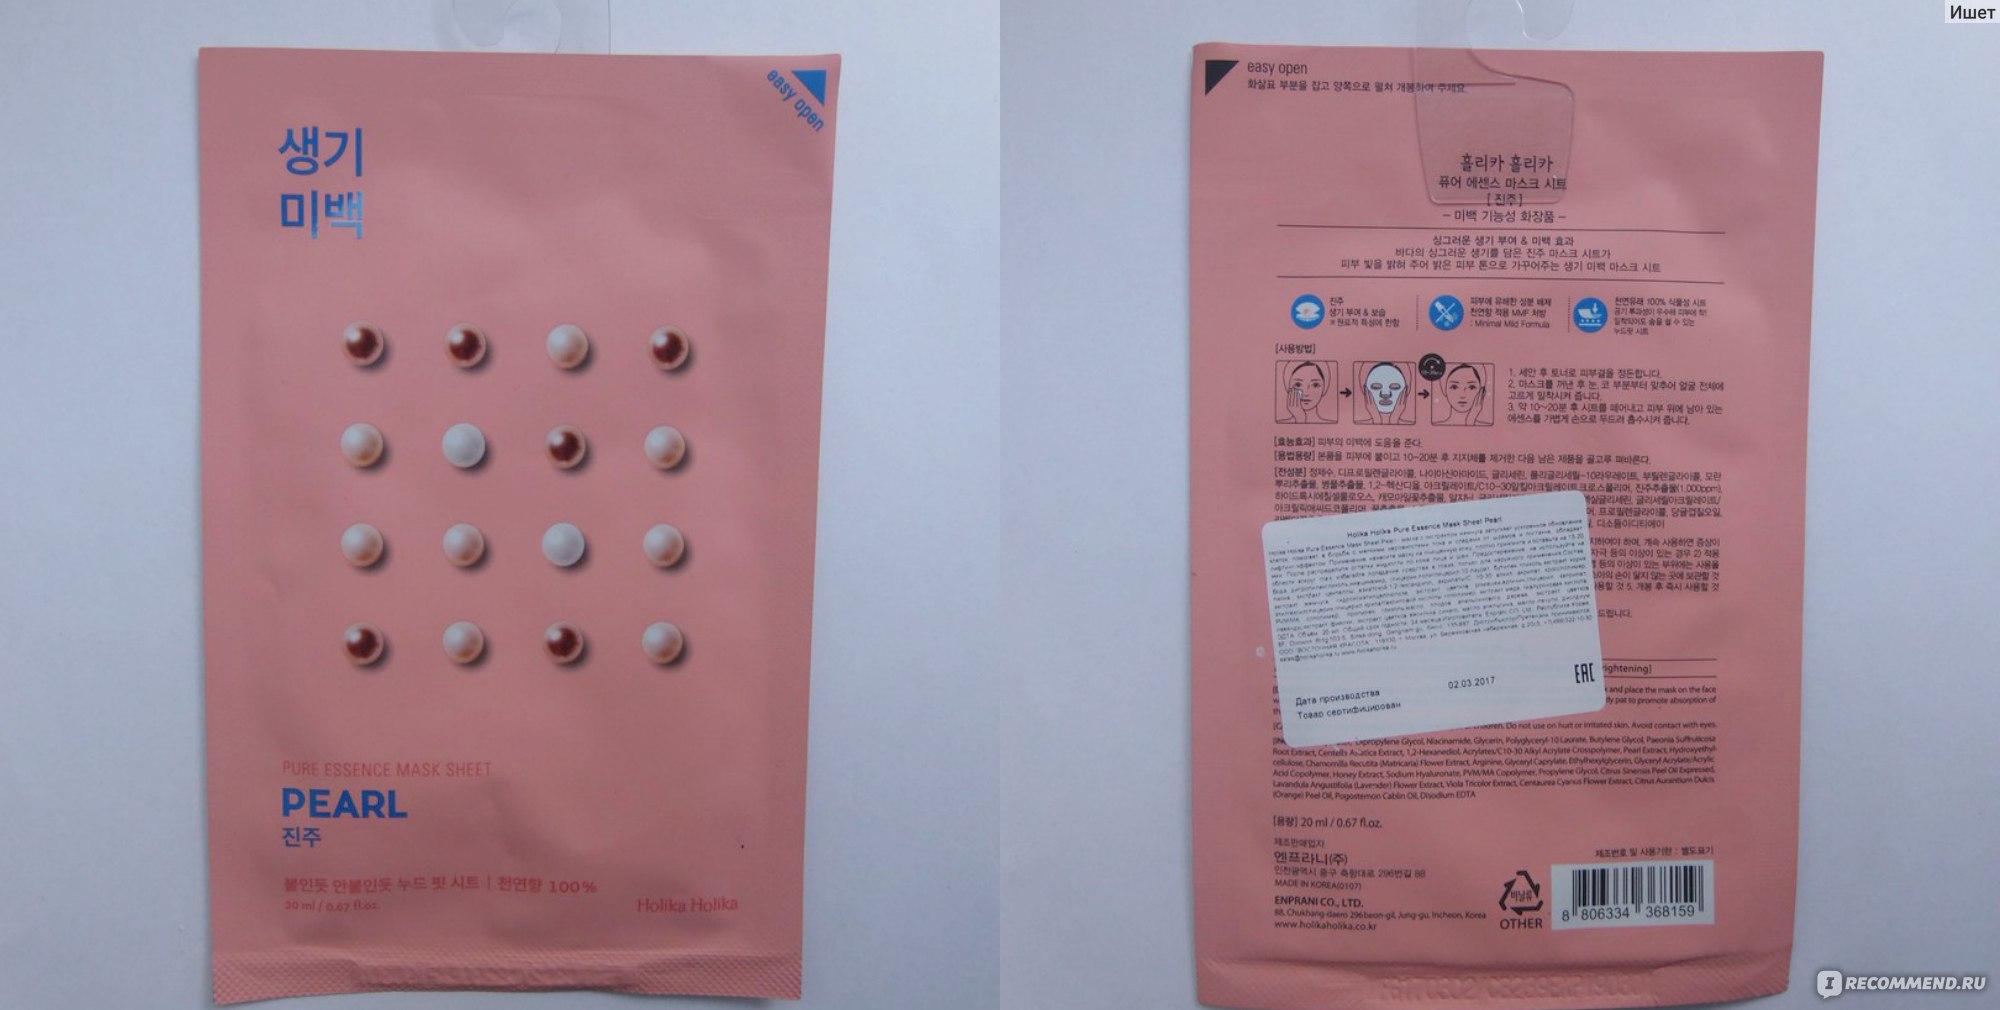 Holika Pure Essence Mask Sheet Pearl 5